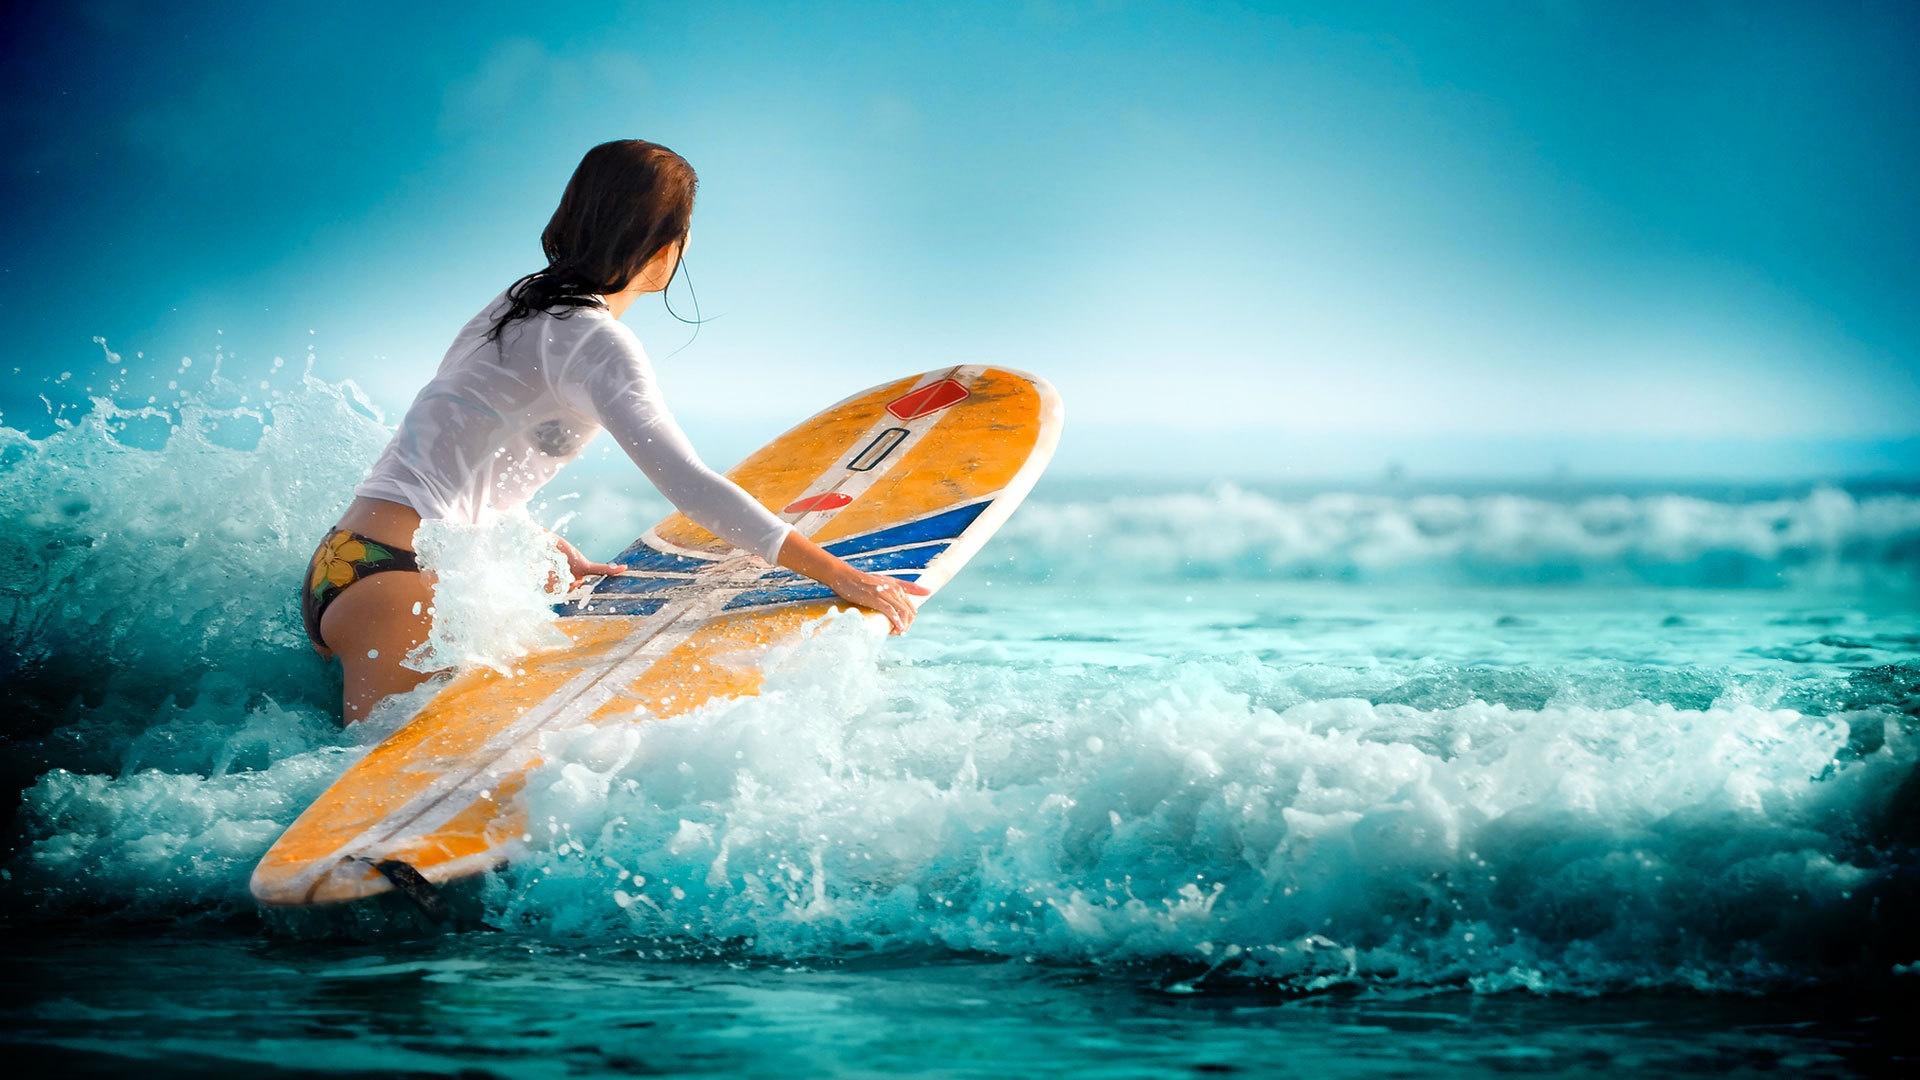 surf girl wallpaper for - photo #4